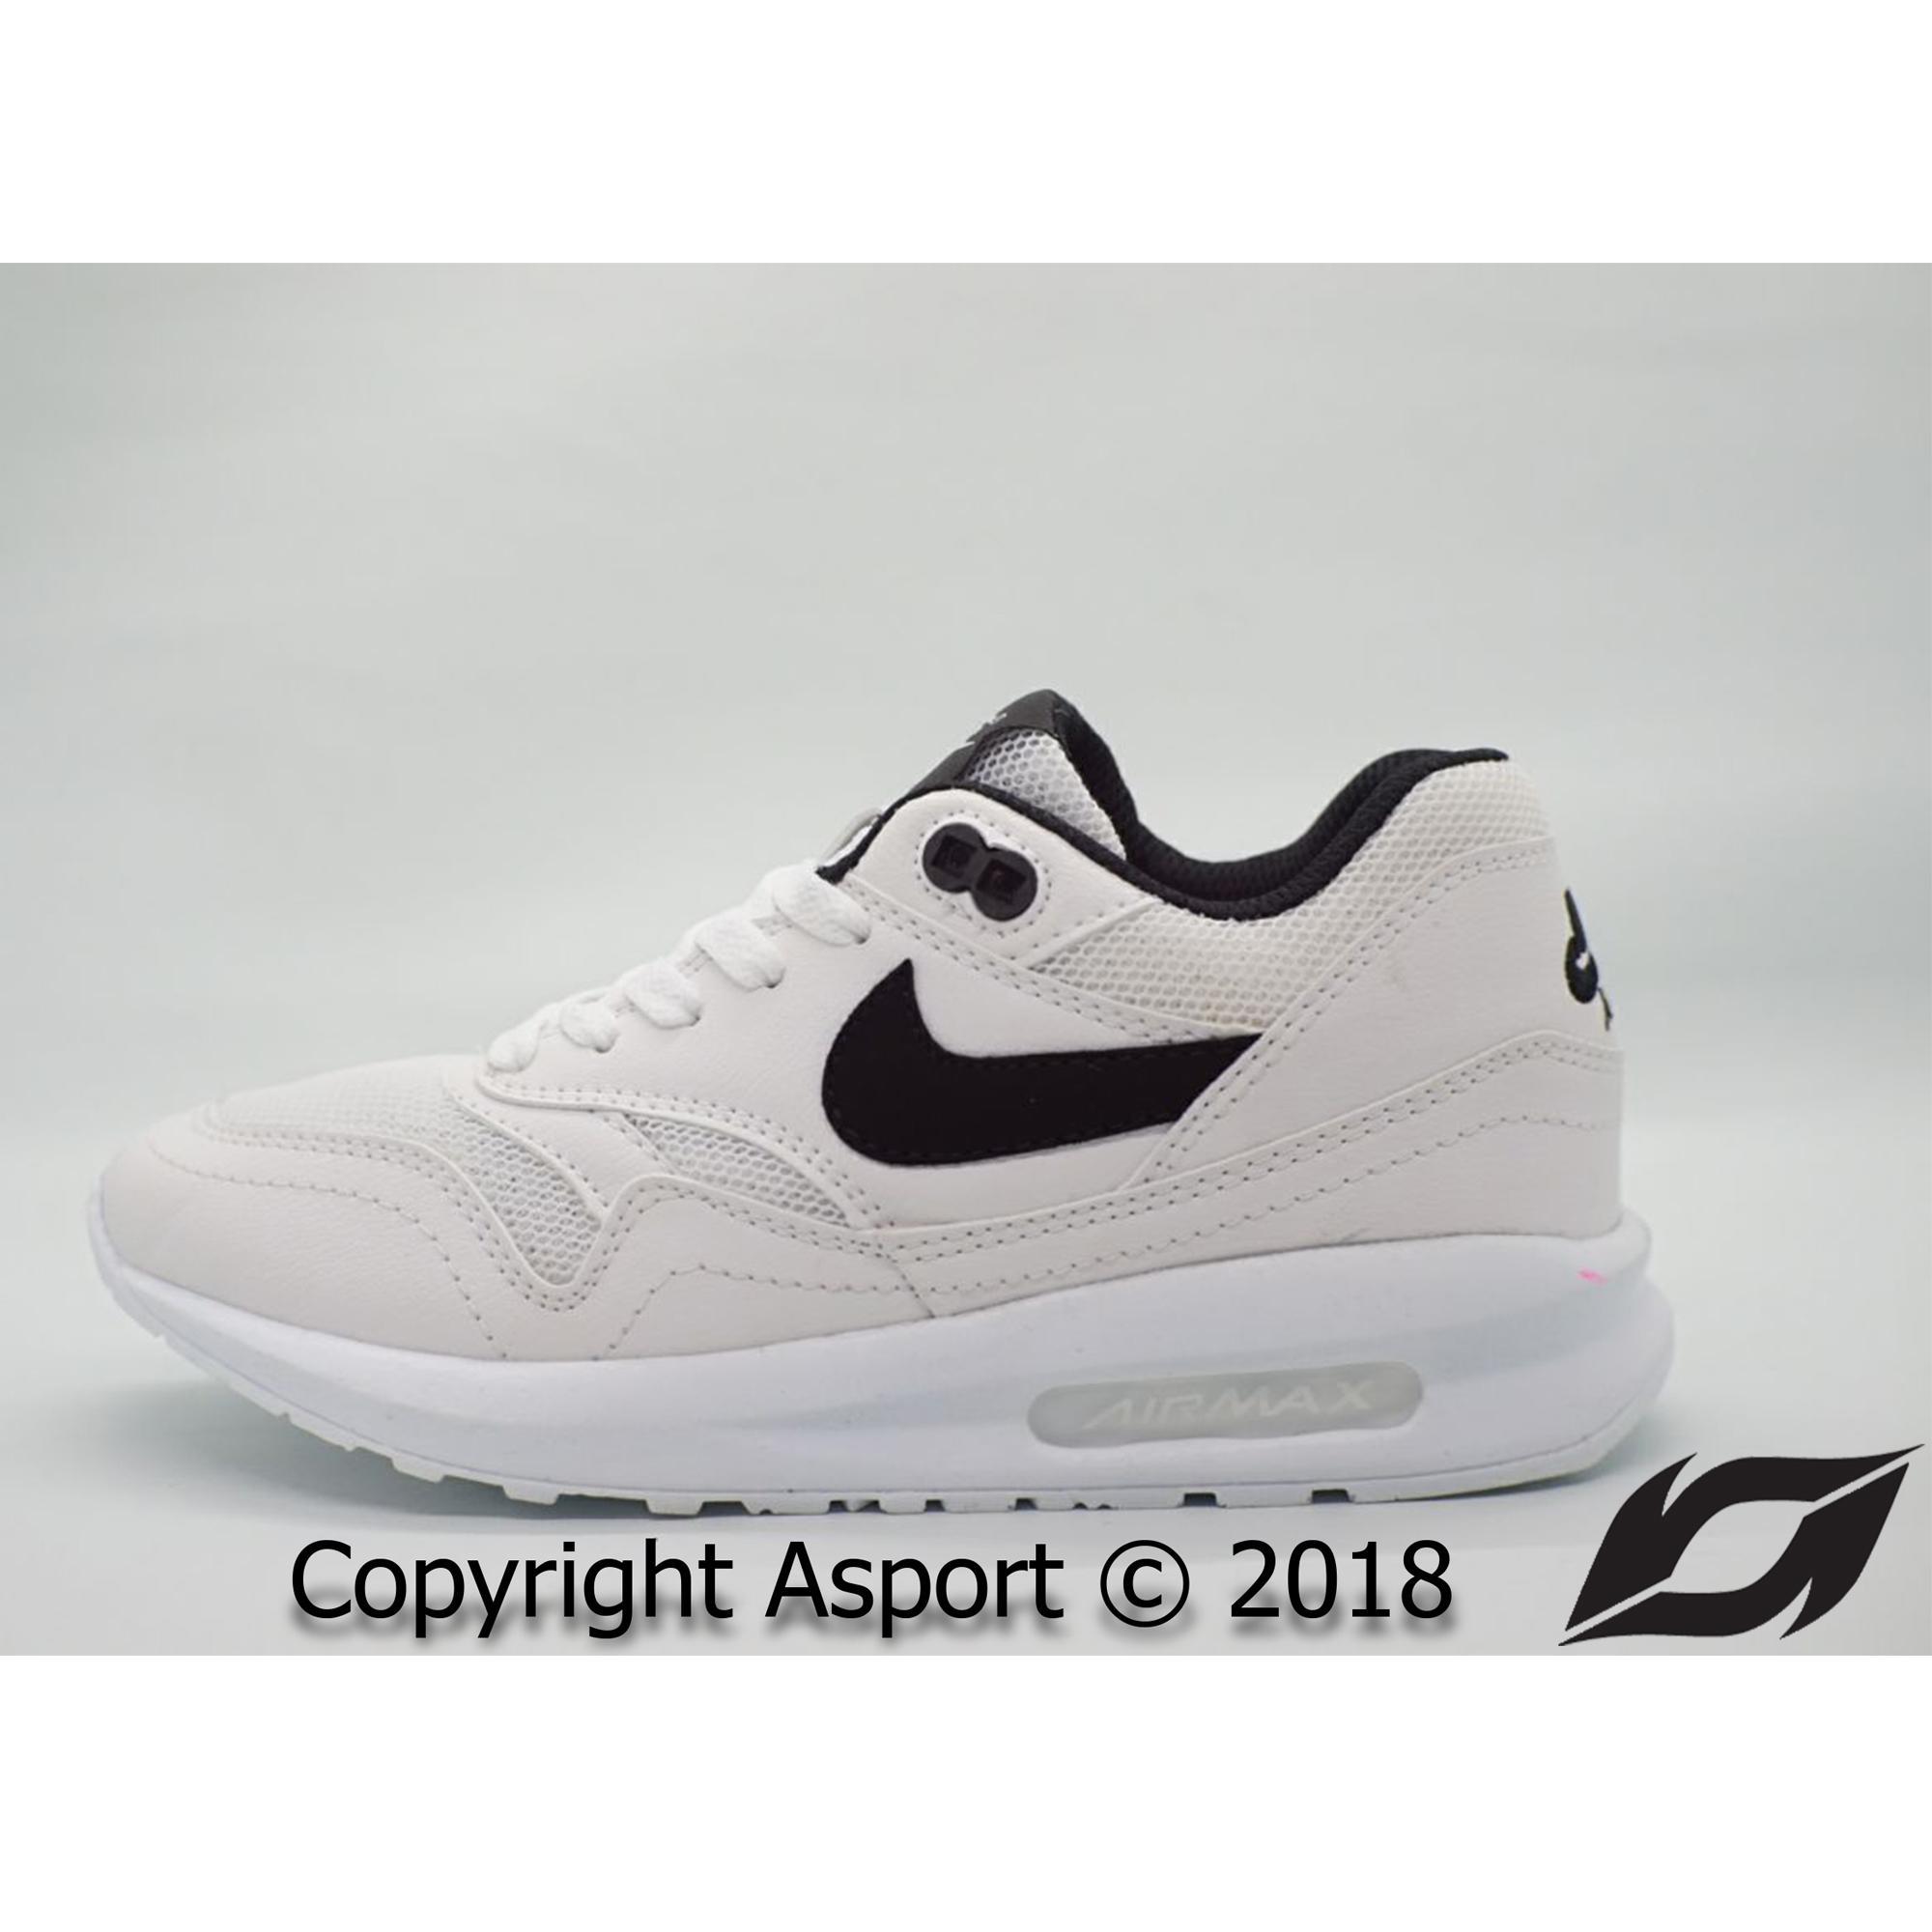 Sepatu Murah Nike Airmax 90 Kualitas Premium Putih List Hitam